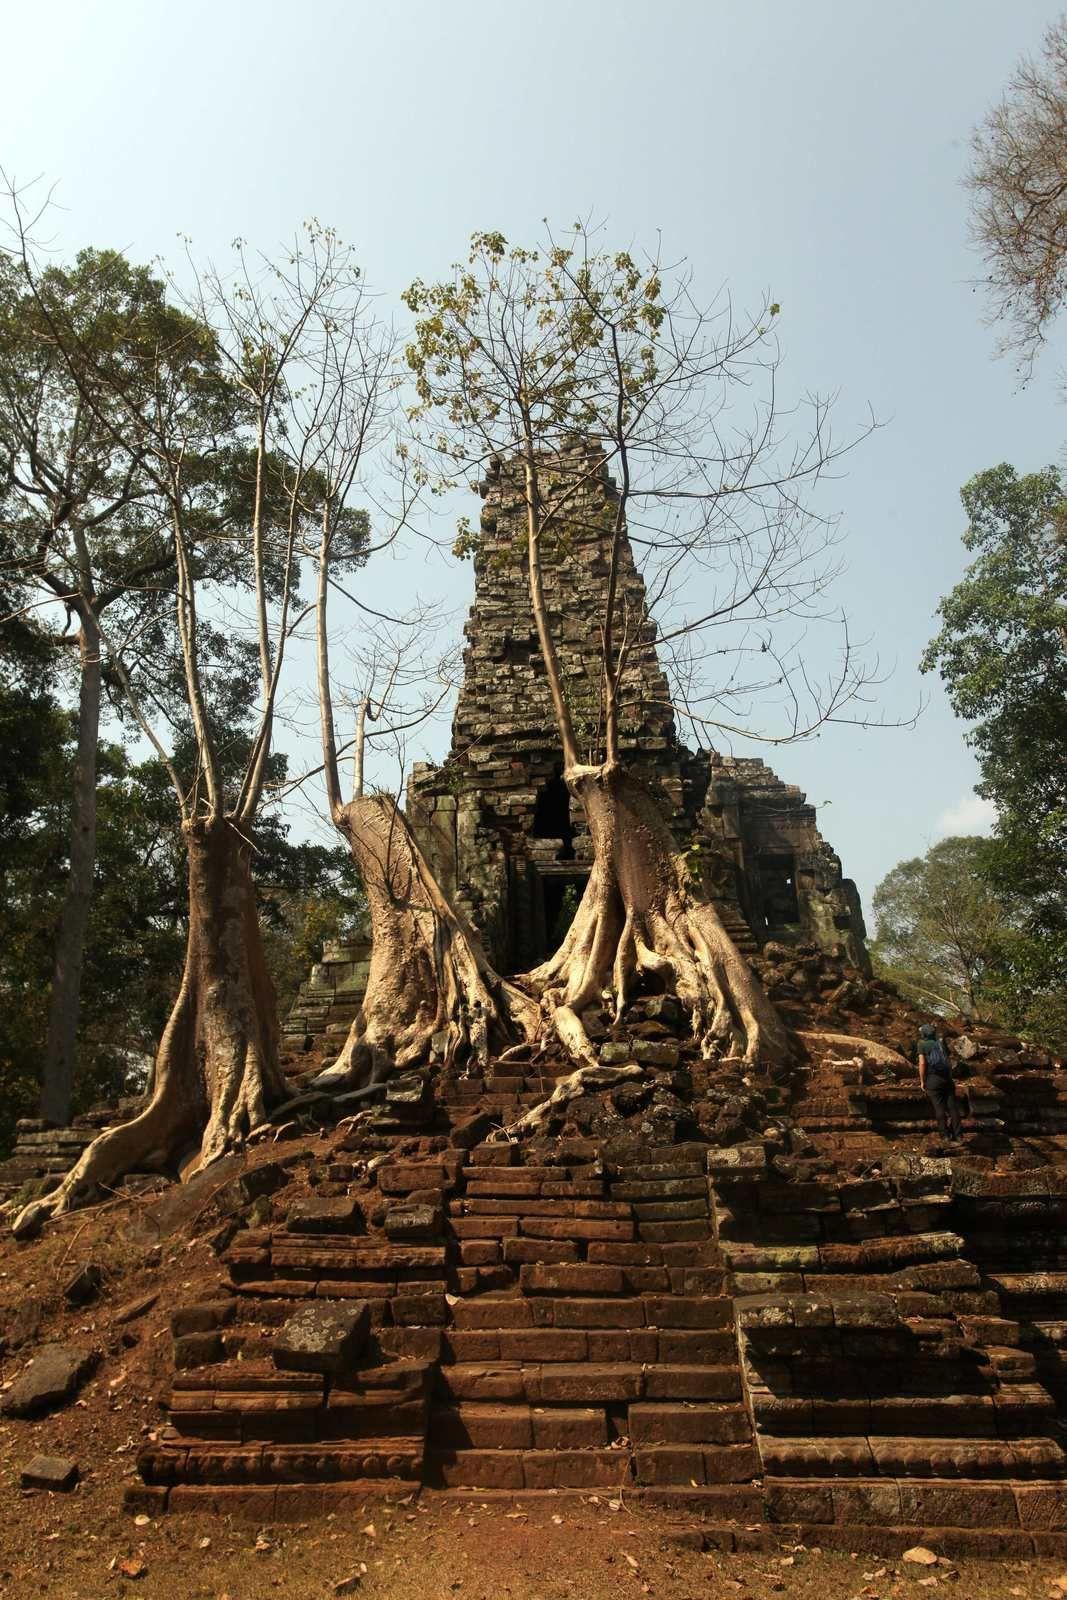 Un petit tour dans les temples d'Angkor ? Partie 1